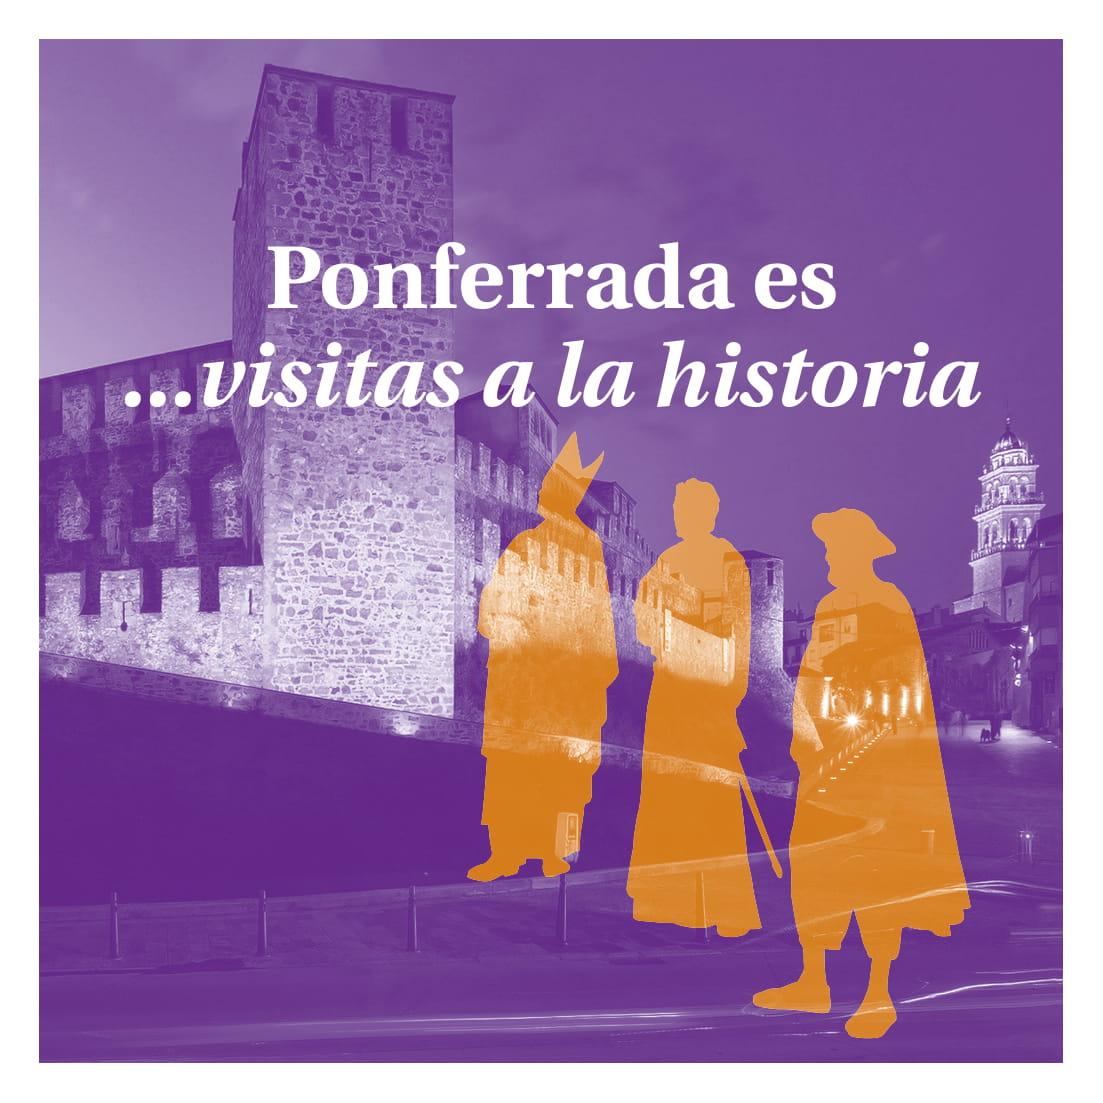 Ponferrada será... música, cultura, monumentos, turismo y más durante el verano de 2021 34